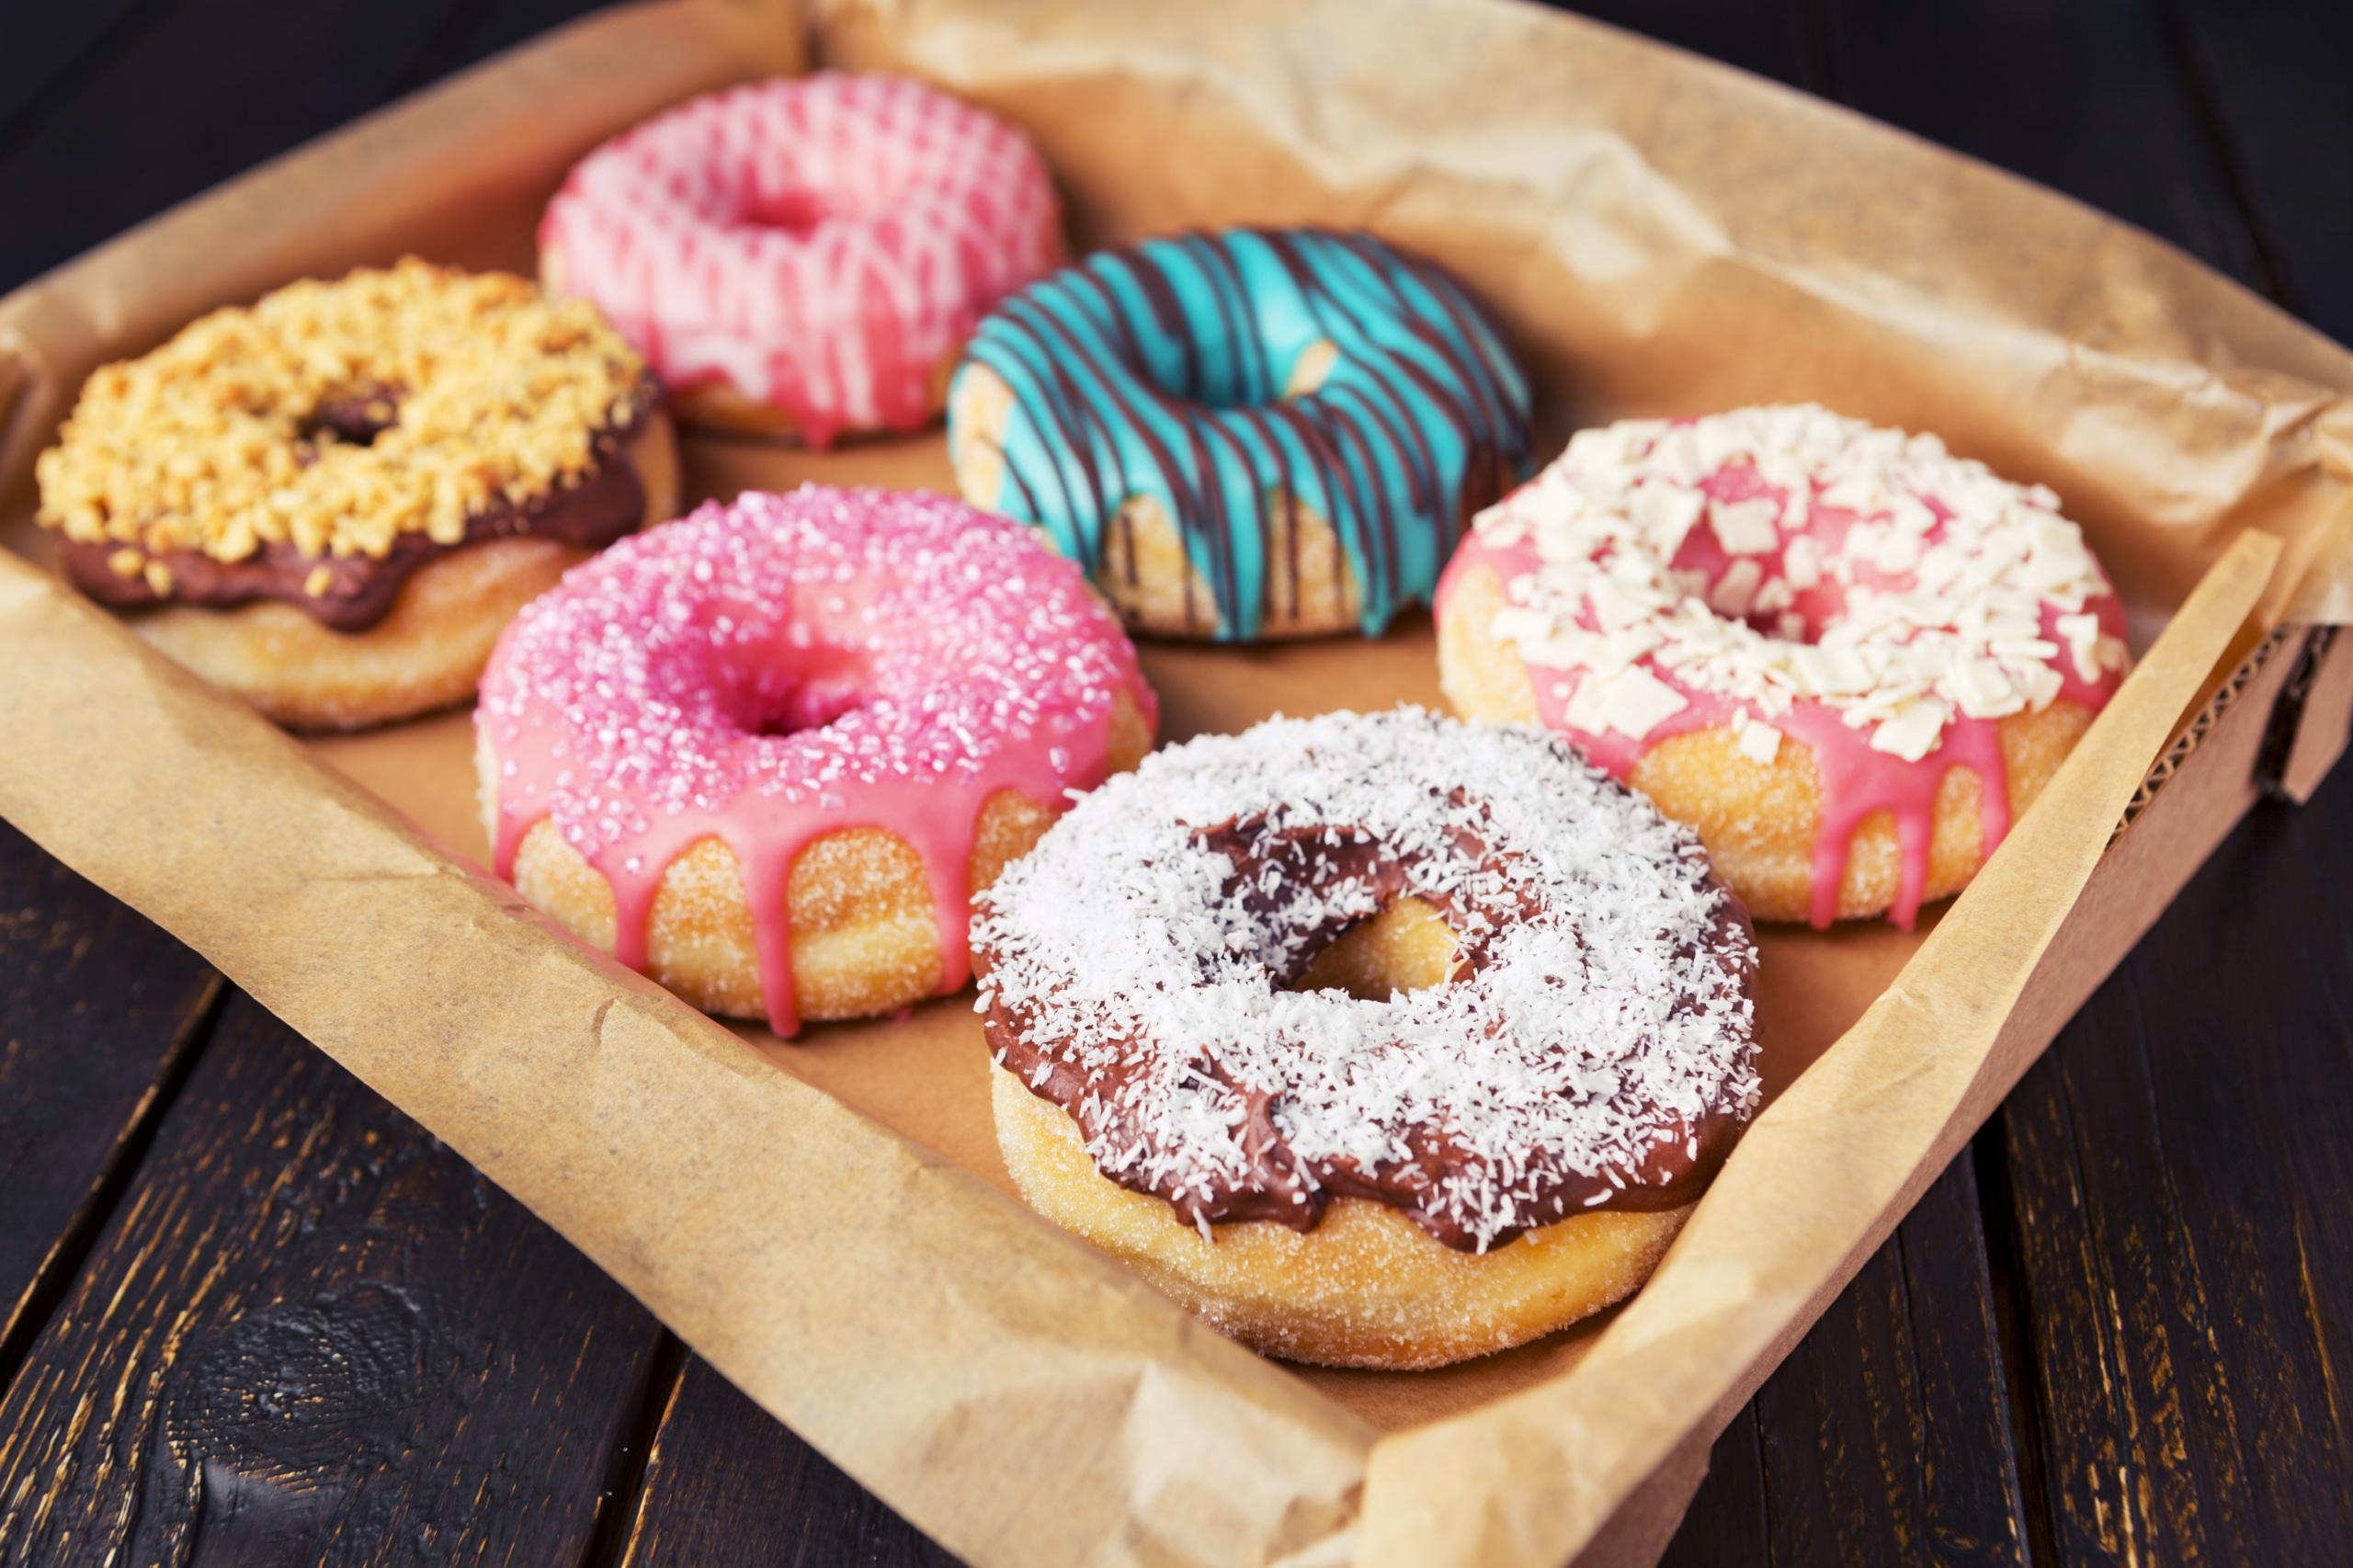 сахарная пудра на печенье бесплатно